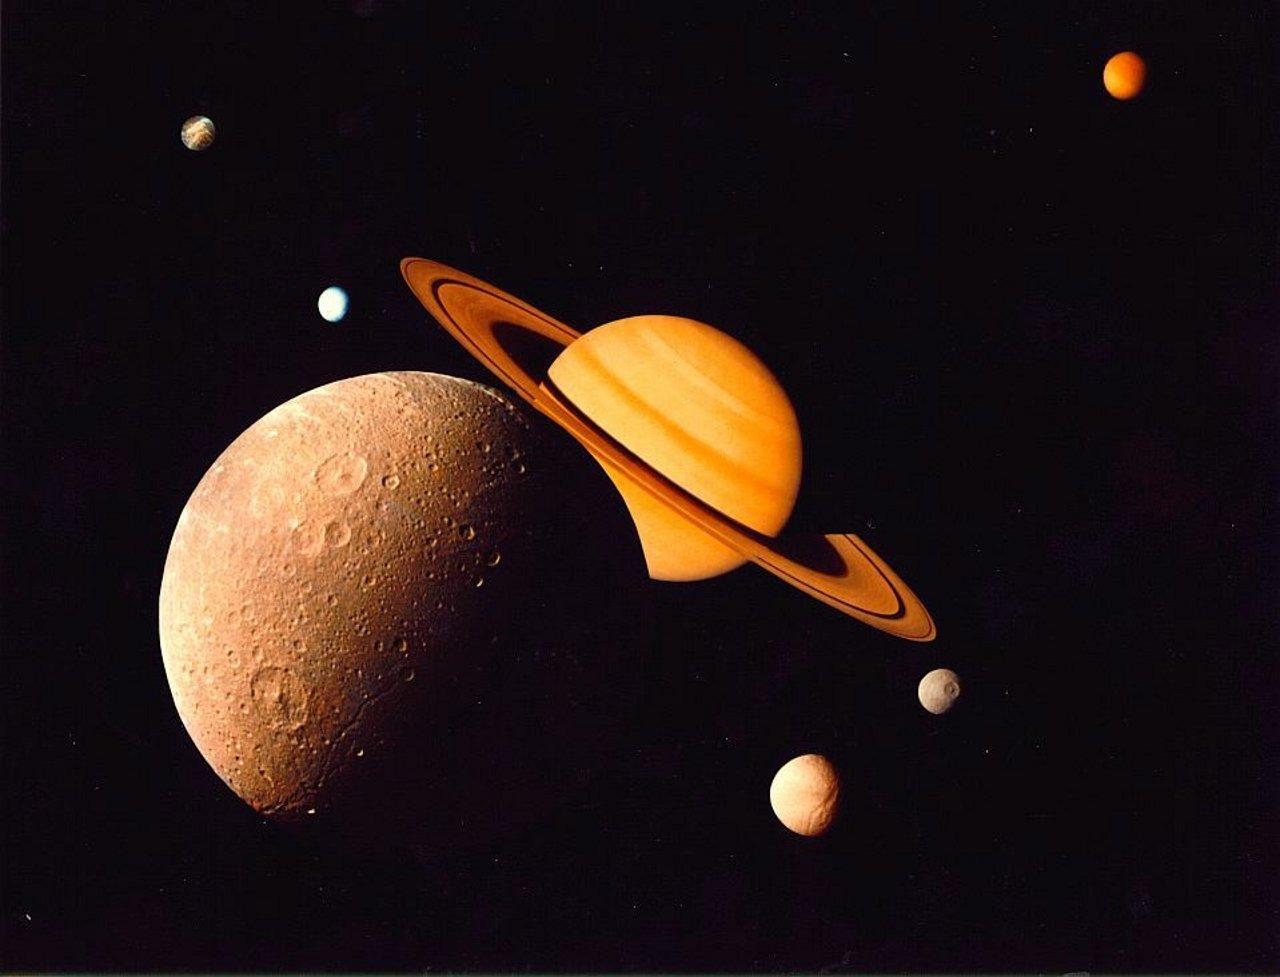 土星の衛星「エンケラドゥス」